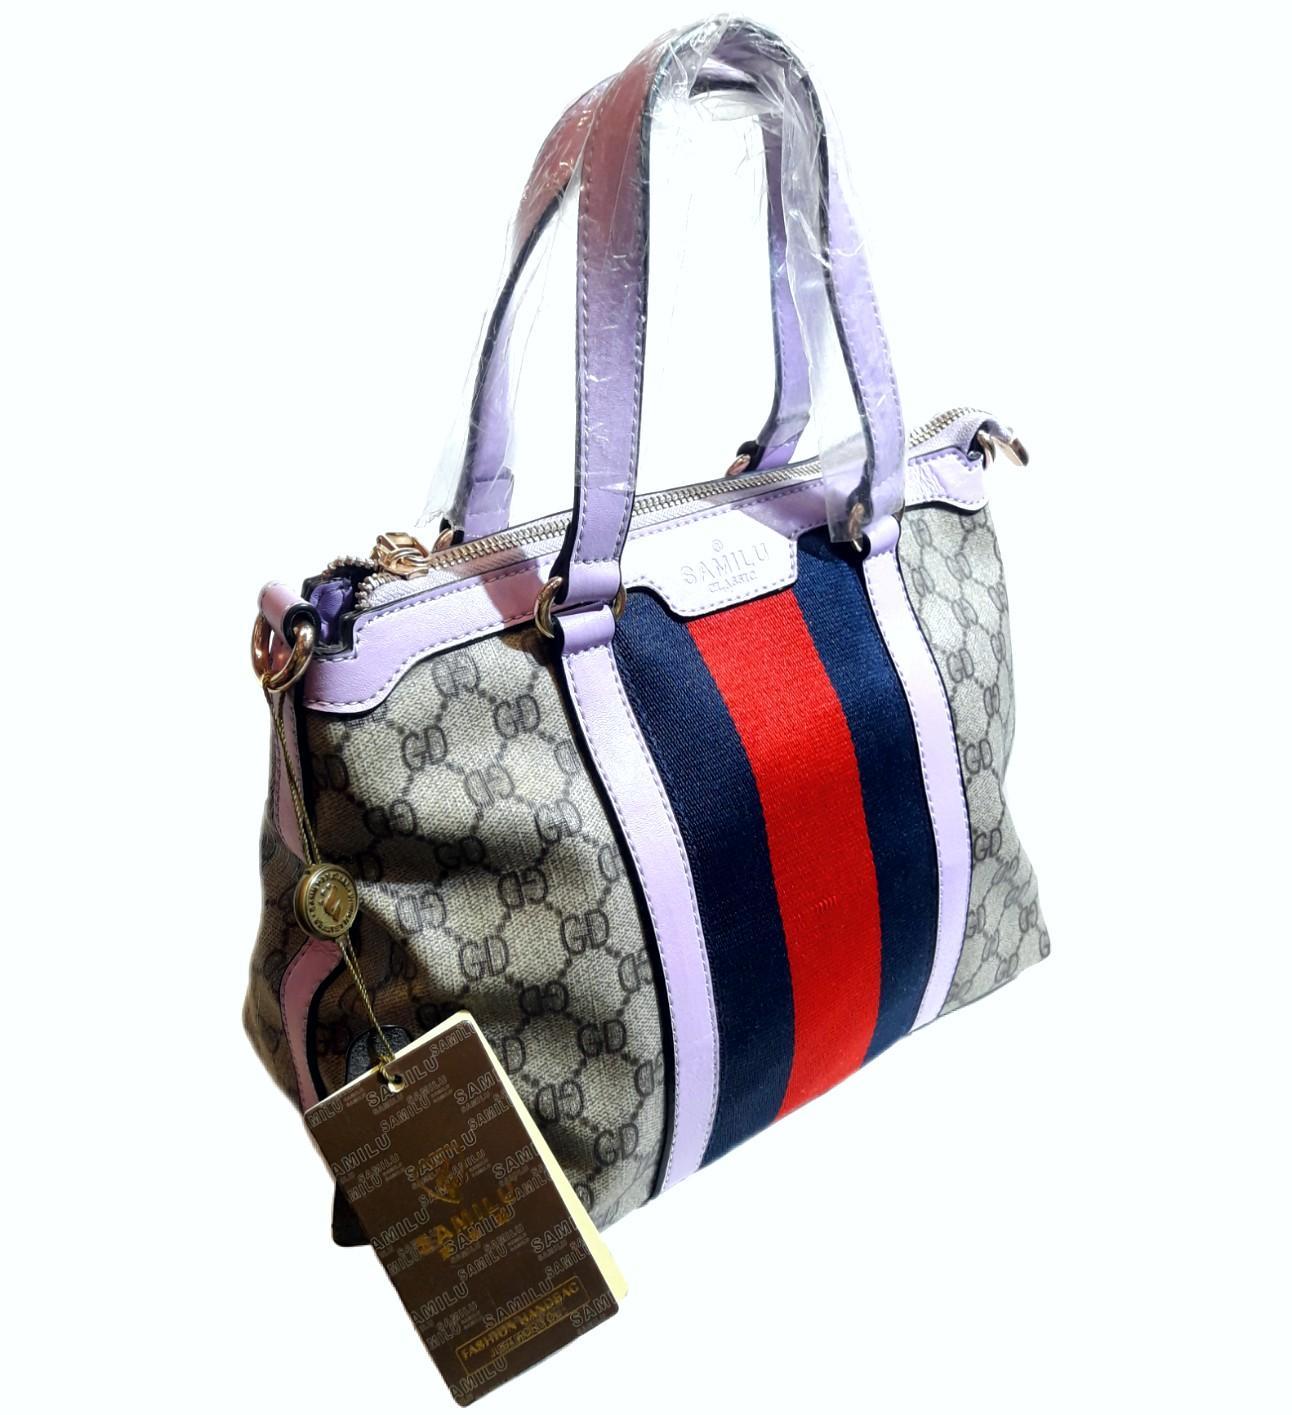 Women Tote Bags - Buy Women Tote Bags at Best Price in Pakistan ... 975869baca9af